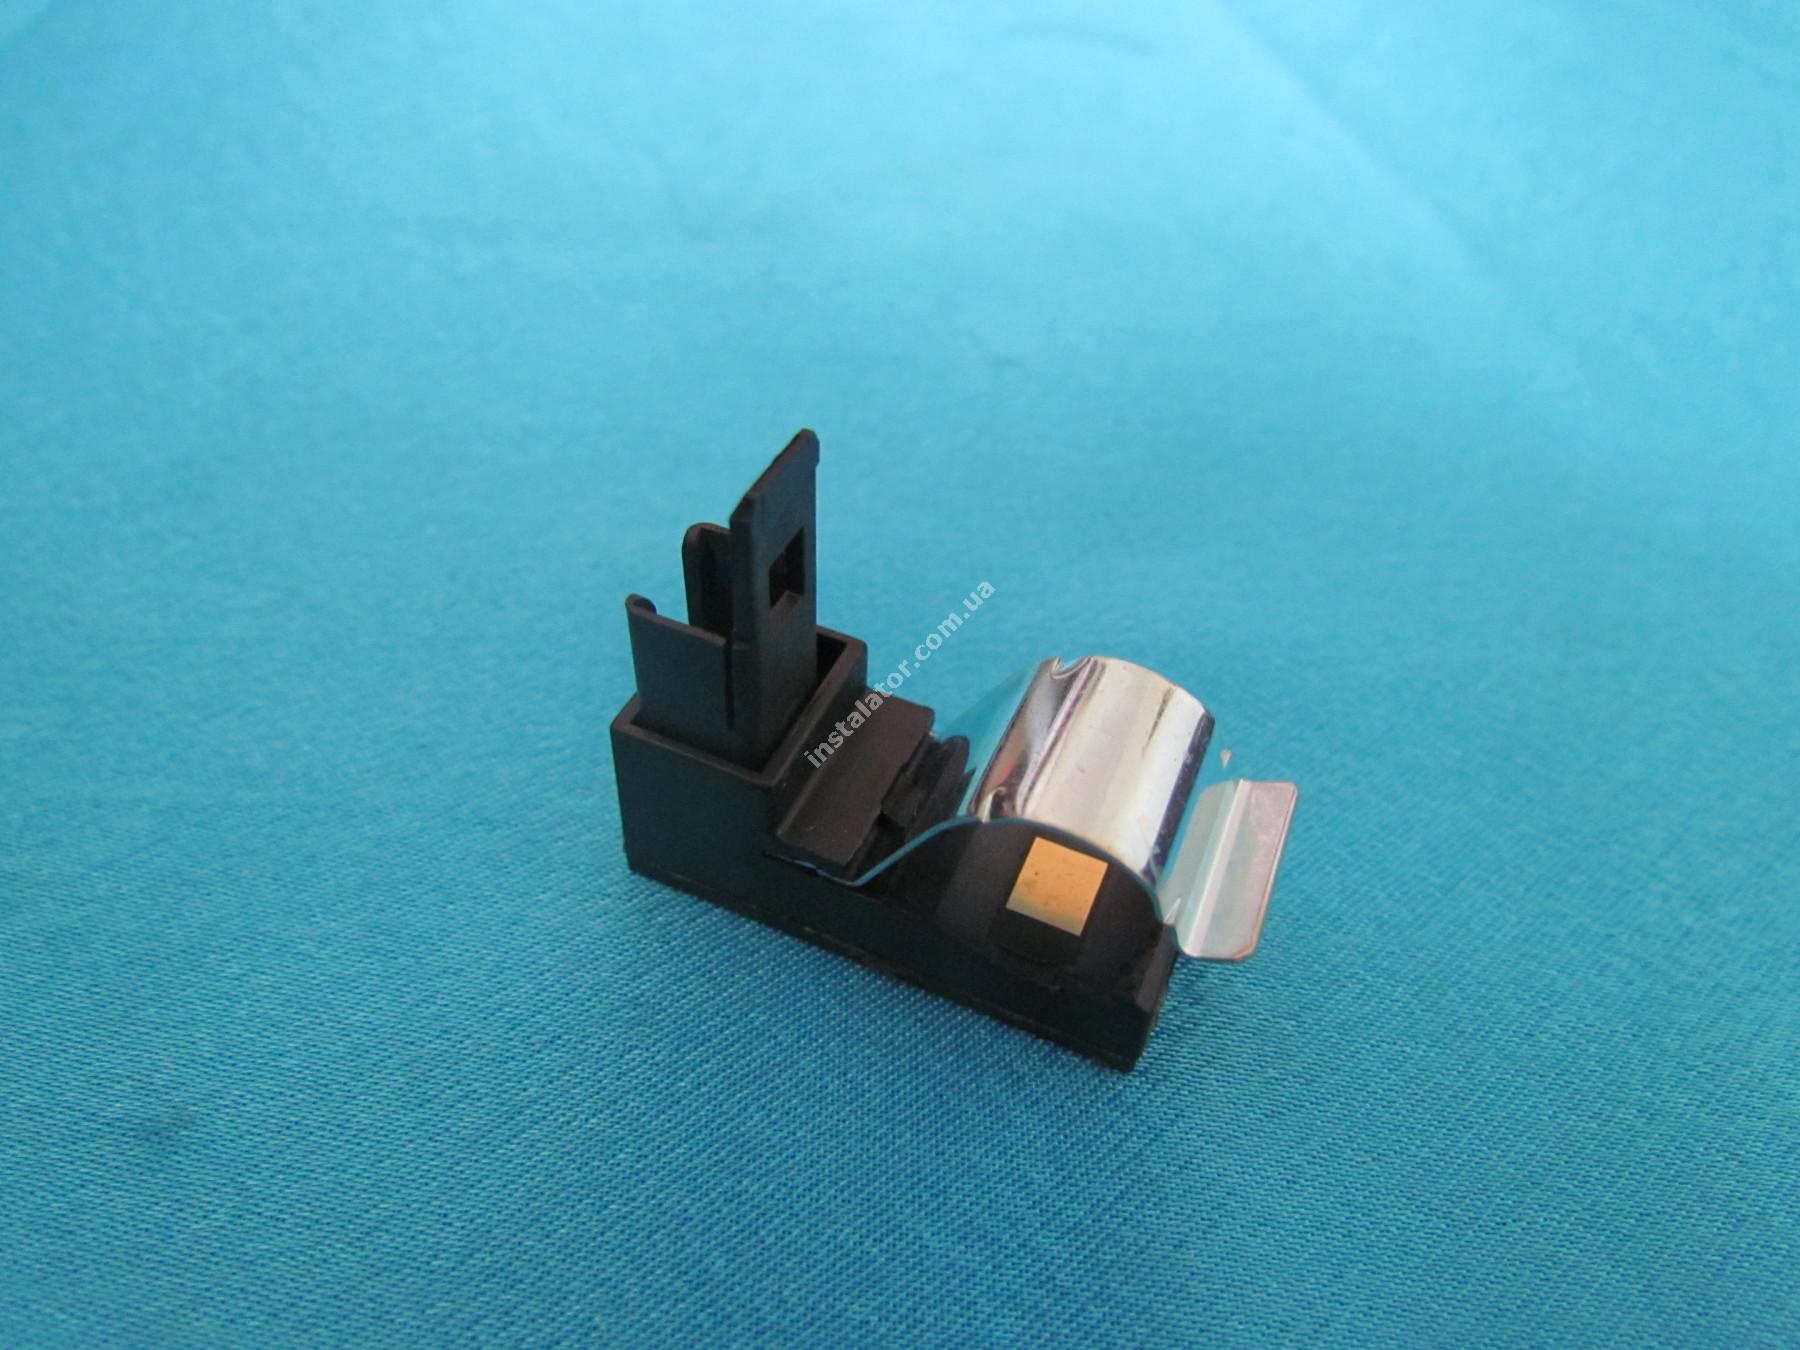 ТР03ВН1RQV Датчик теператури (зонд NTC) накладний d14 full-image-0